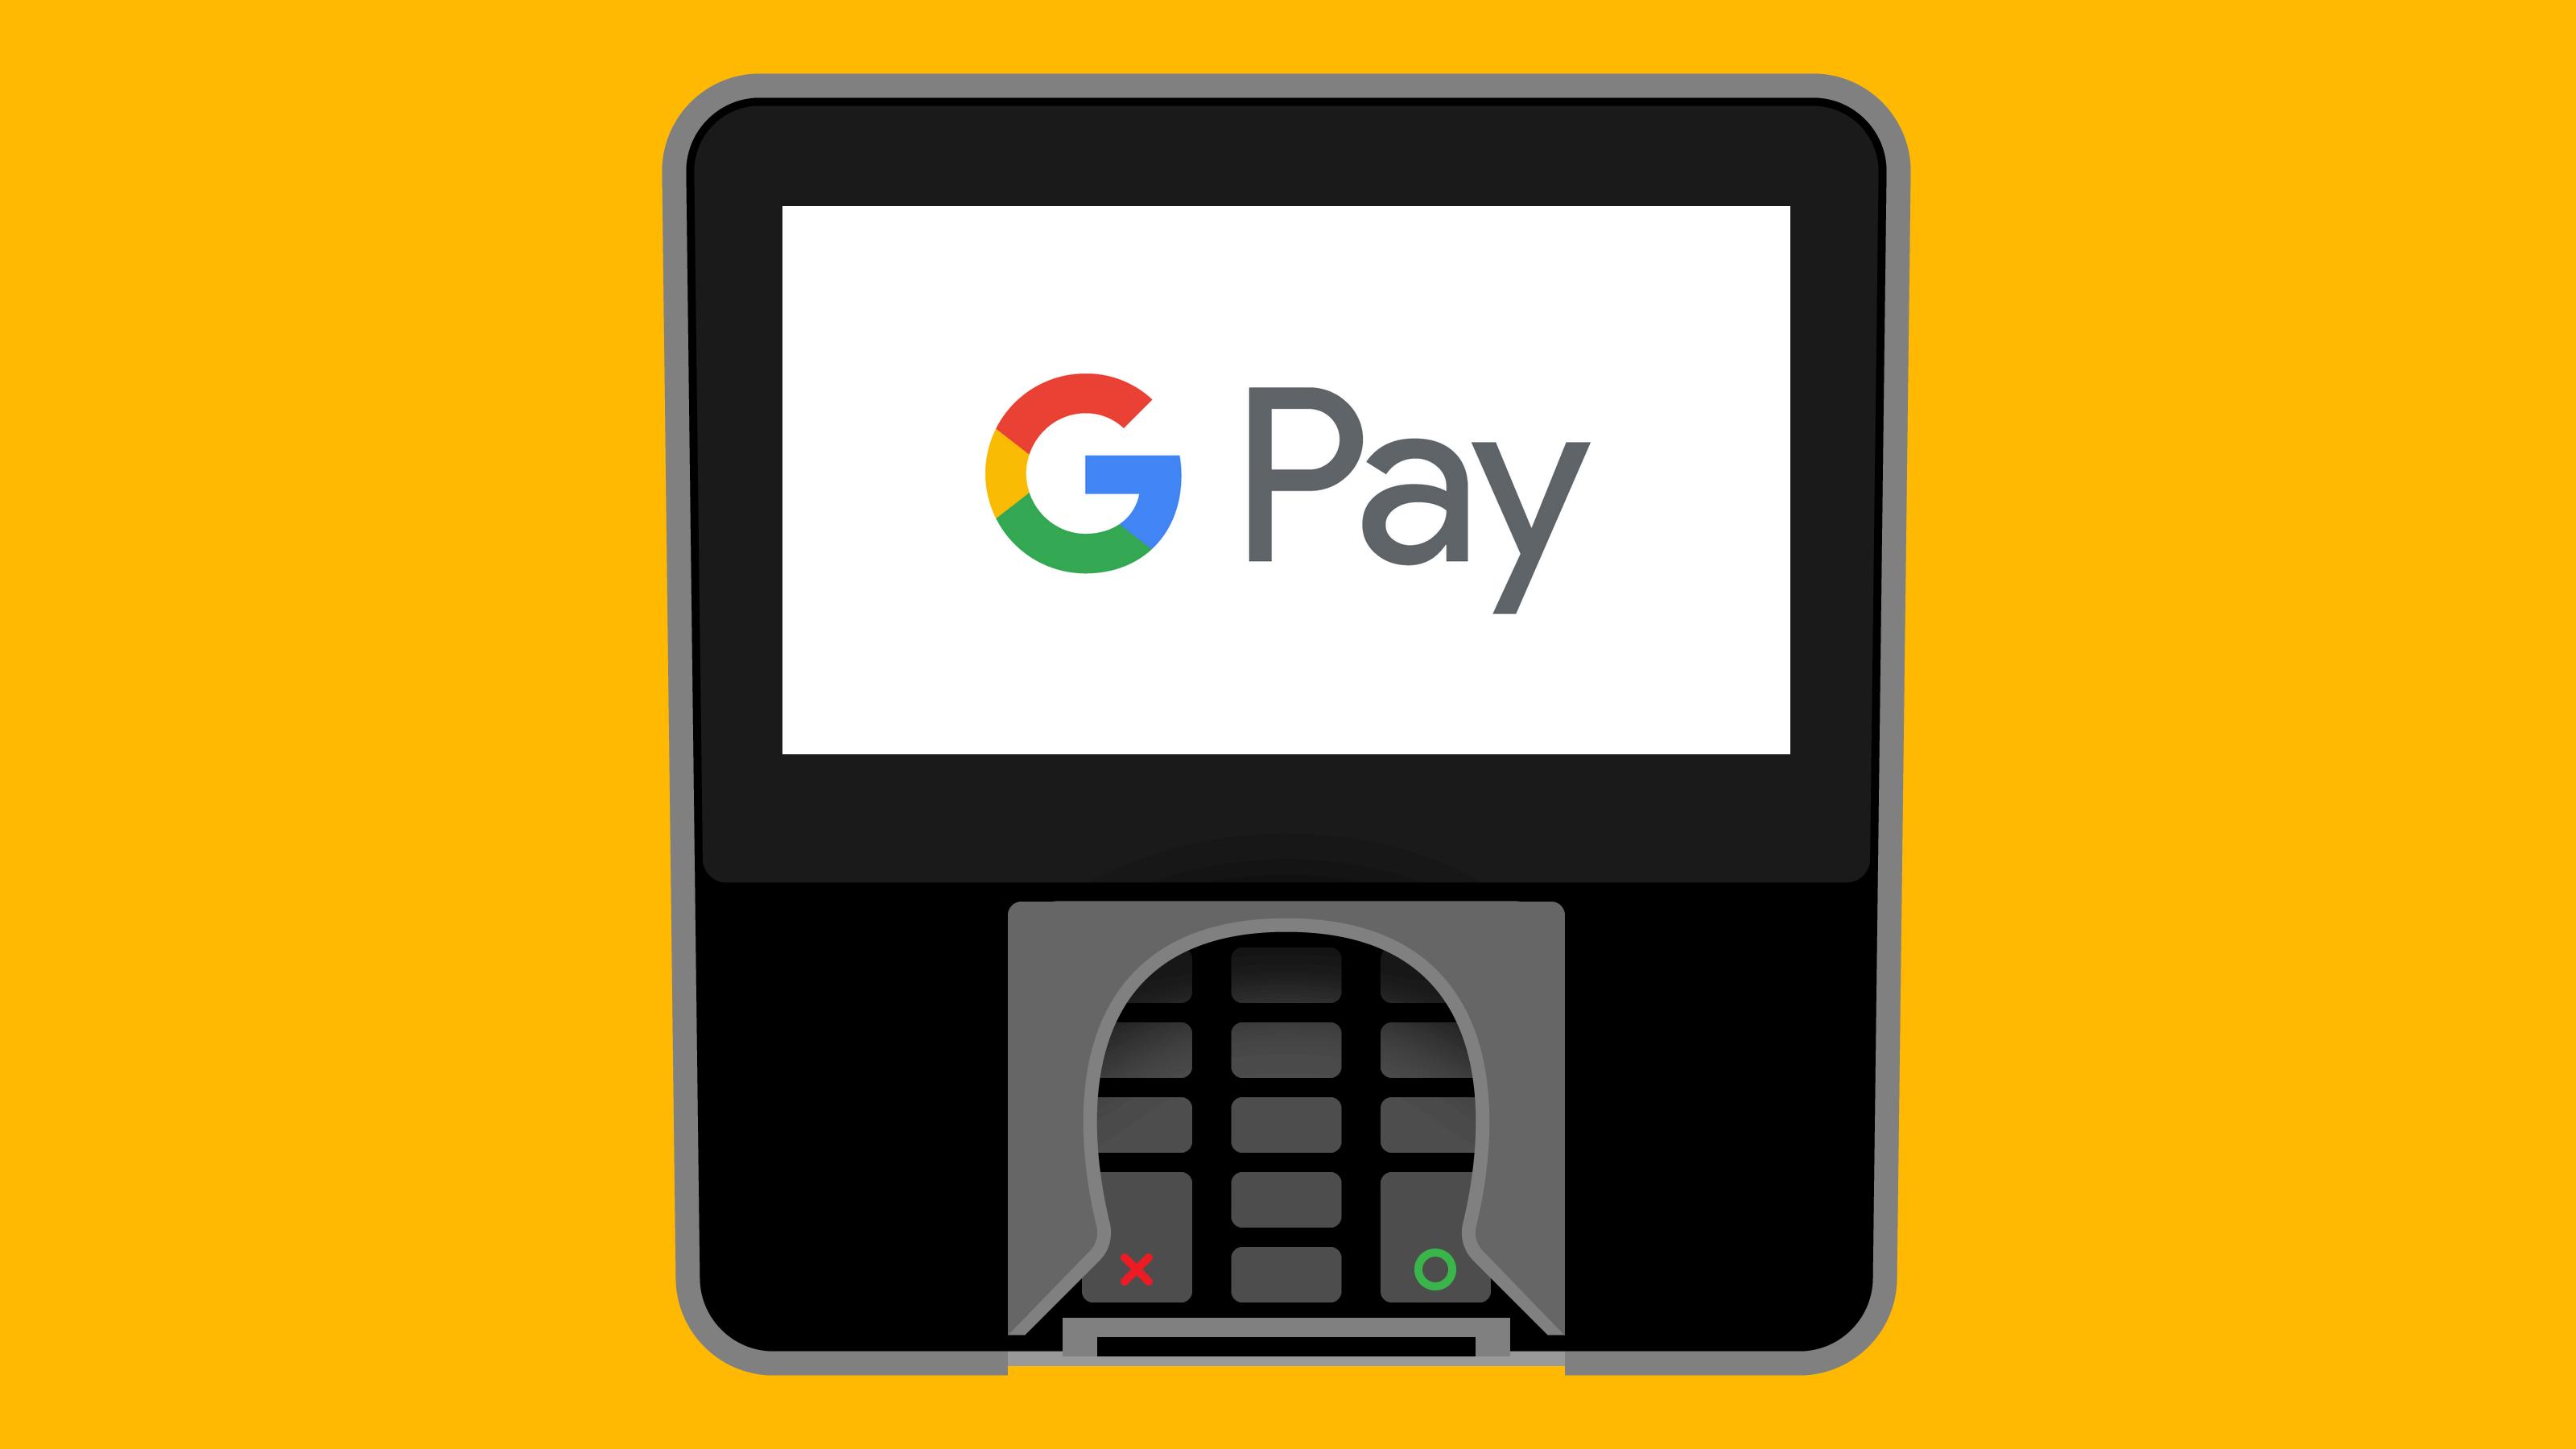 ABD'de 29 Yeni Banka İçin Google Pay Desteği Artık Mevcut!